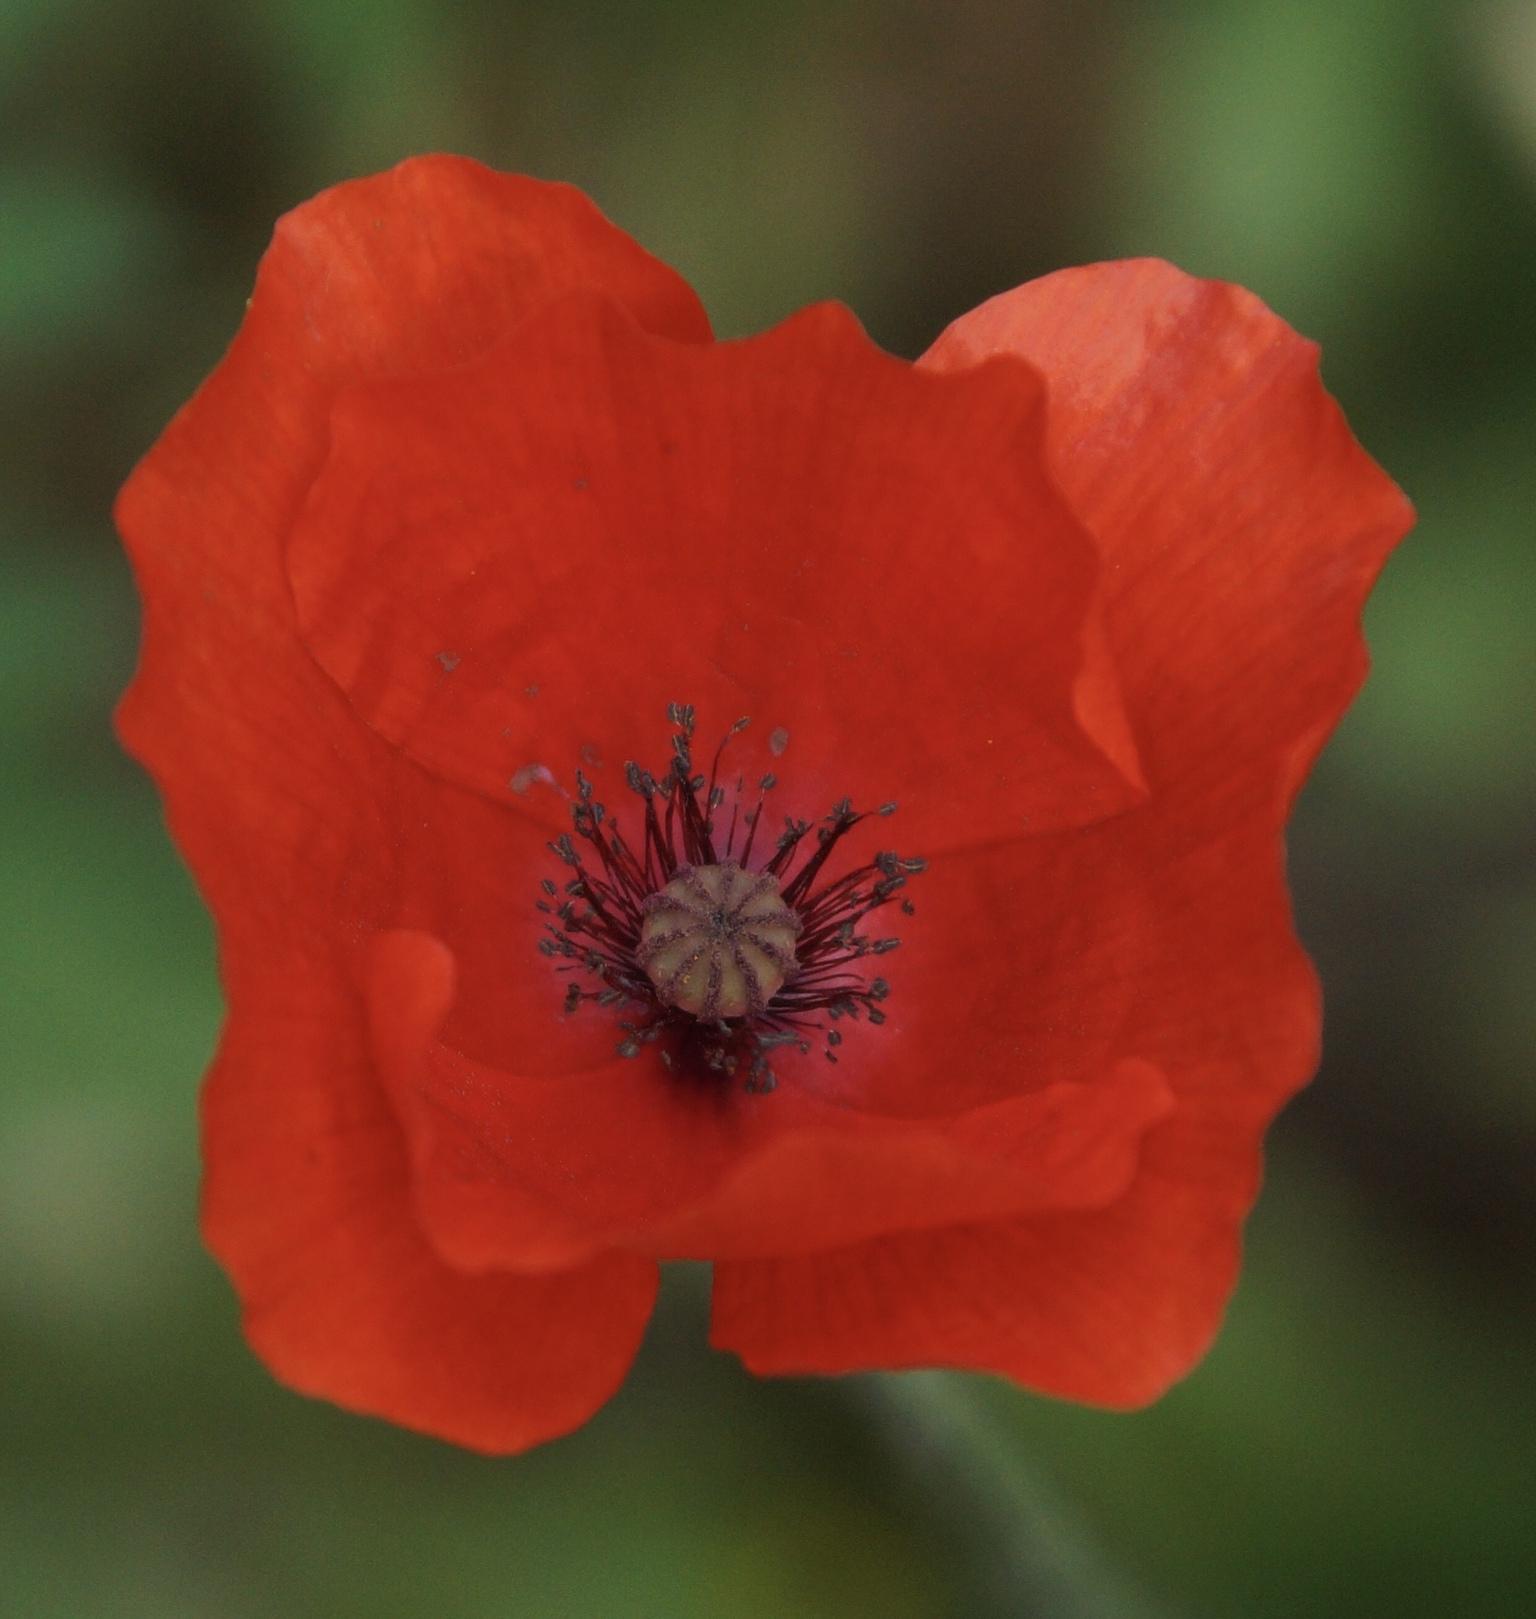 Klaproos - Klaproos - foto door Anneke1955 op 12-04-2021 - deze foto bevat: bloem, fabriek, bloemblaadje, natuurlijke omgeving, plantkunde, kruidachtige plant, bloeiende plant, eenjarige plant, macrofotografie, natuurlijk landschap